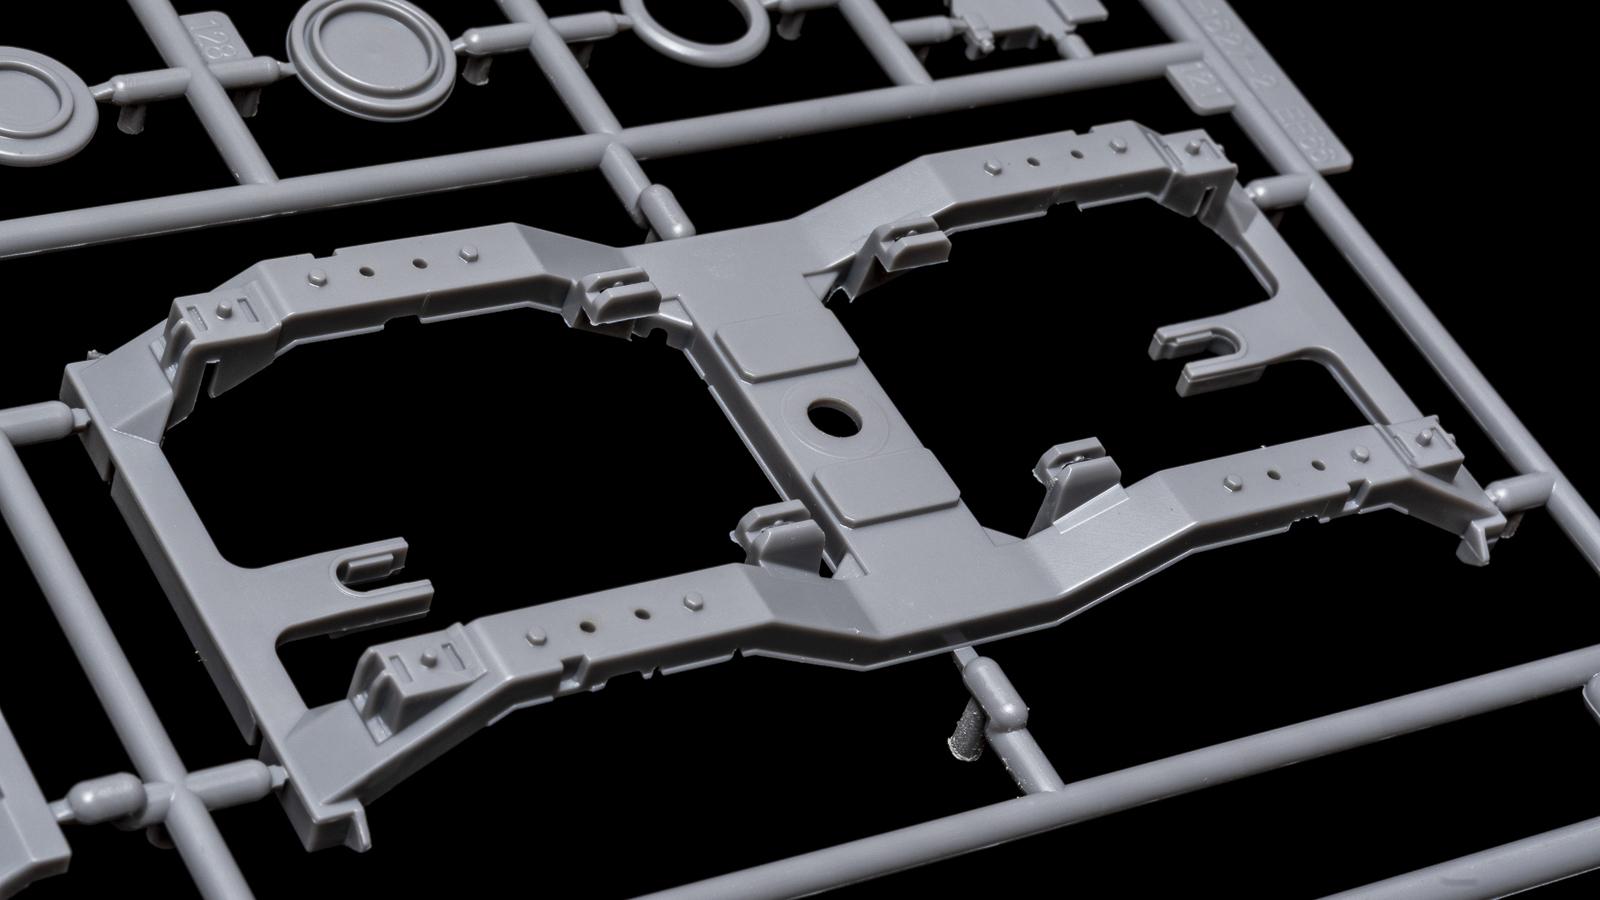 アオシマの放つ「超巨大な電気機関車のプラモデル」、トレミュEF66の細部に迫る【前編】_b0029315_00425391.jpg